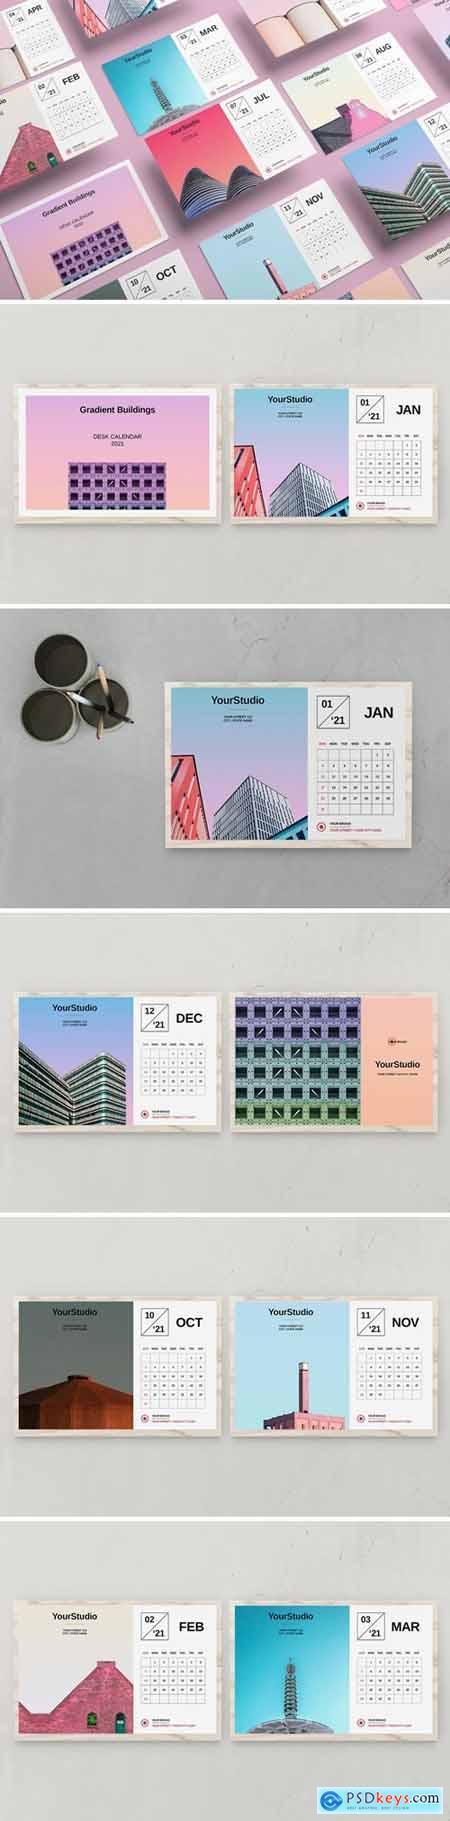 Desk Calendar Template 2021 BSPY8ZE